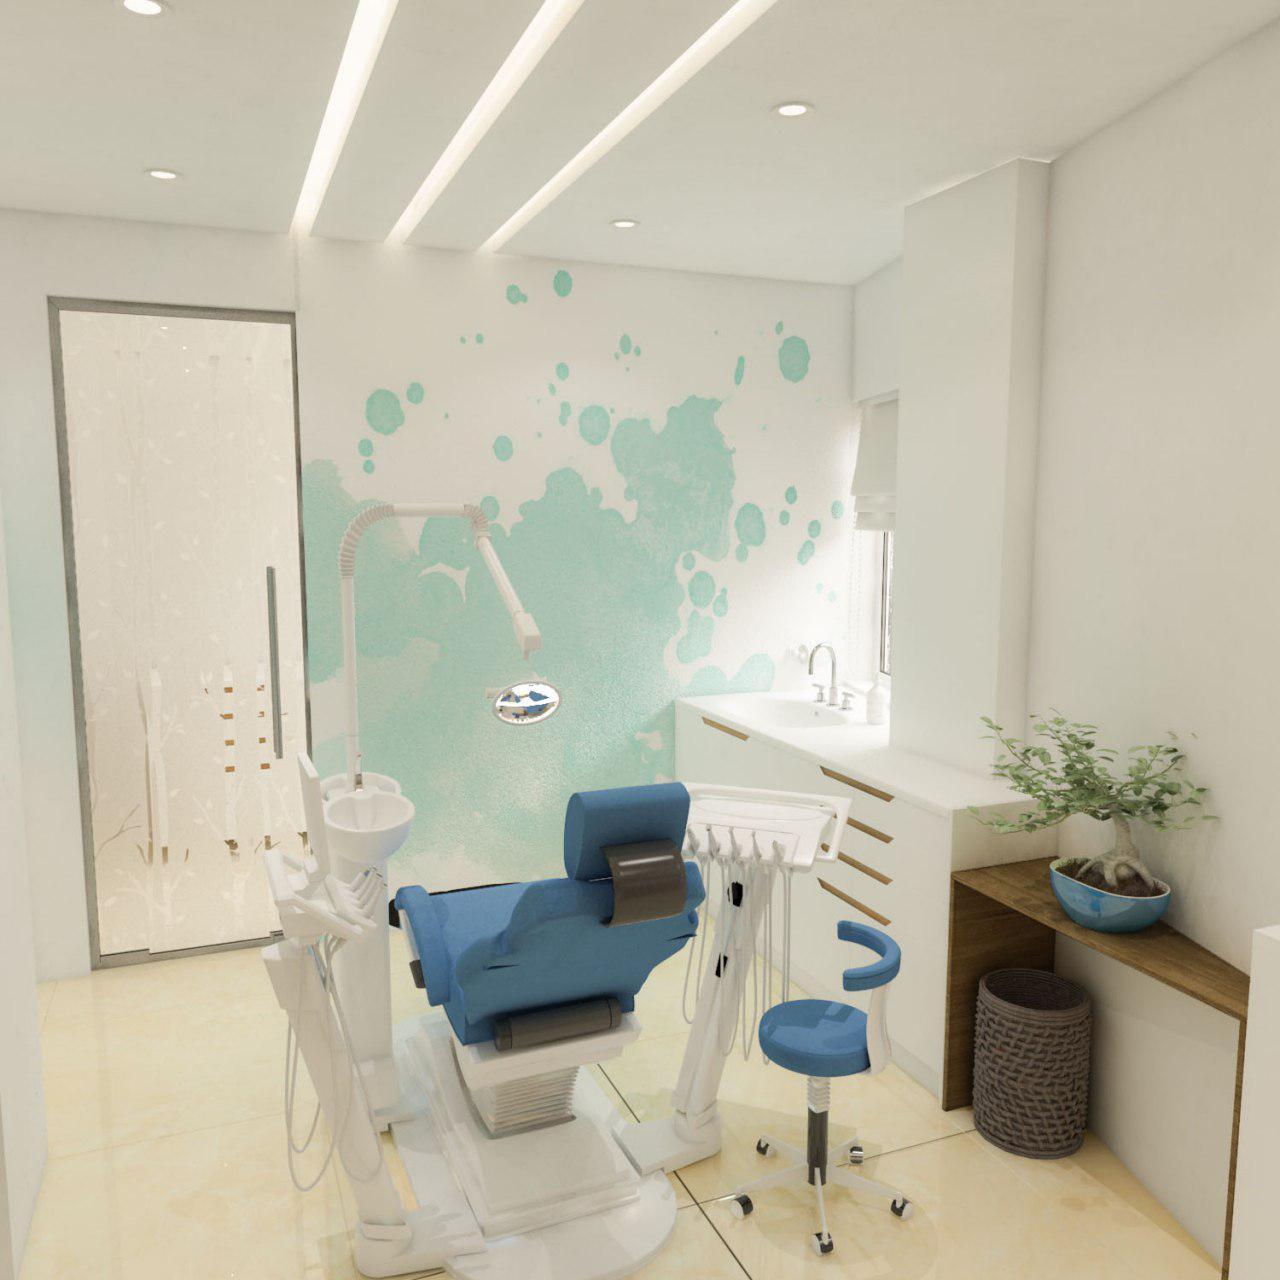 قرارگیری یونیت دندانپزشکی برای مطب اطفال